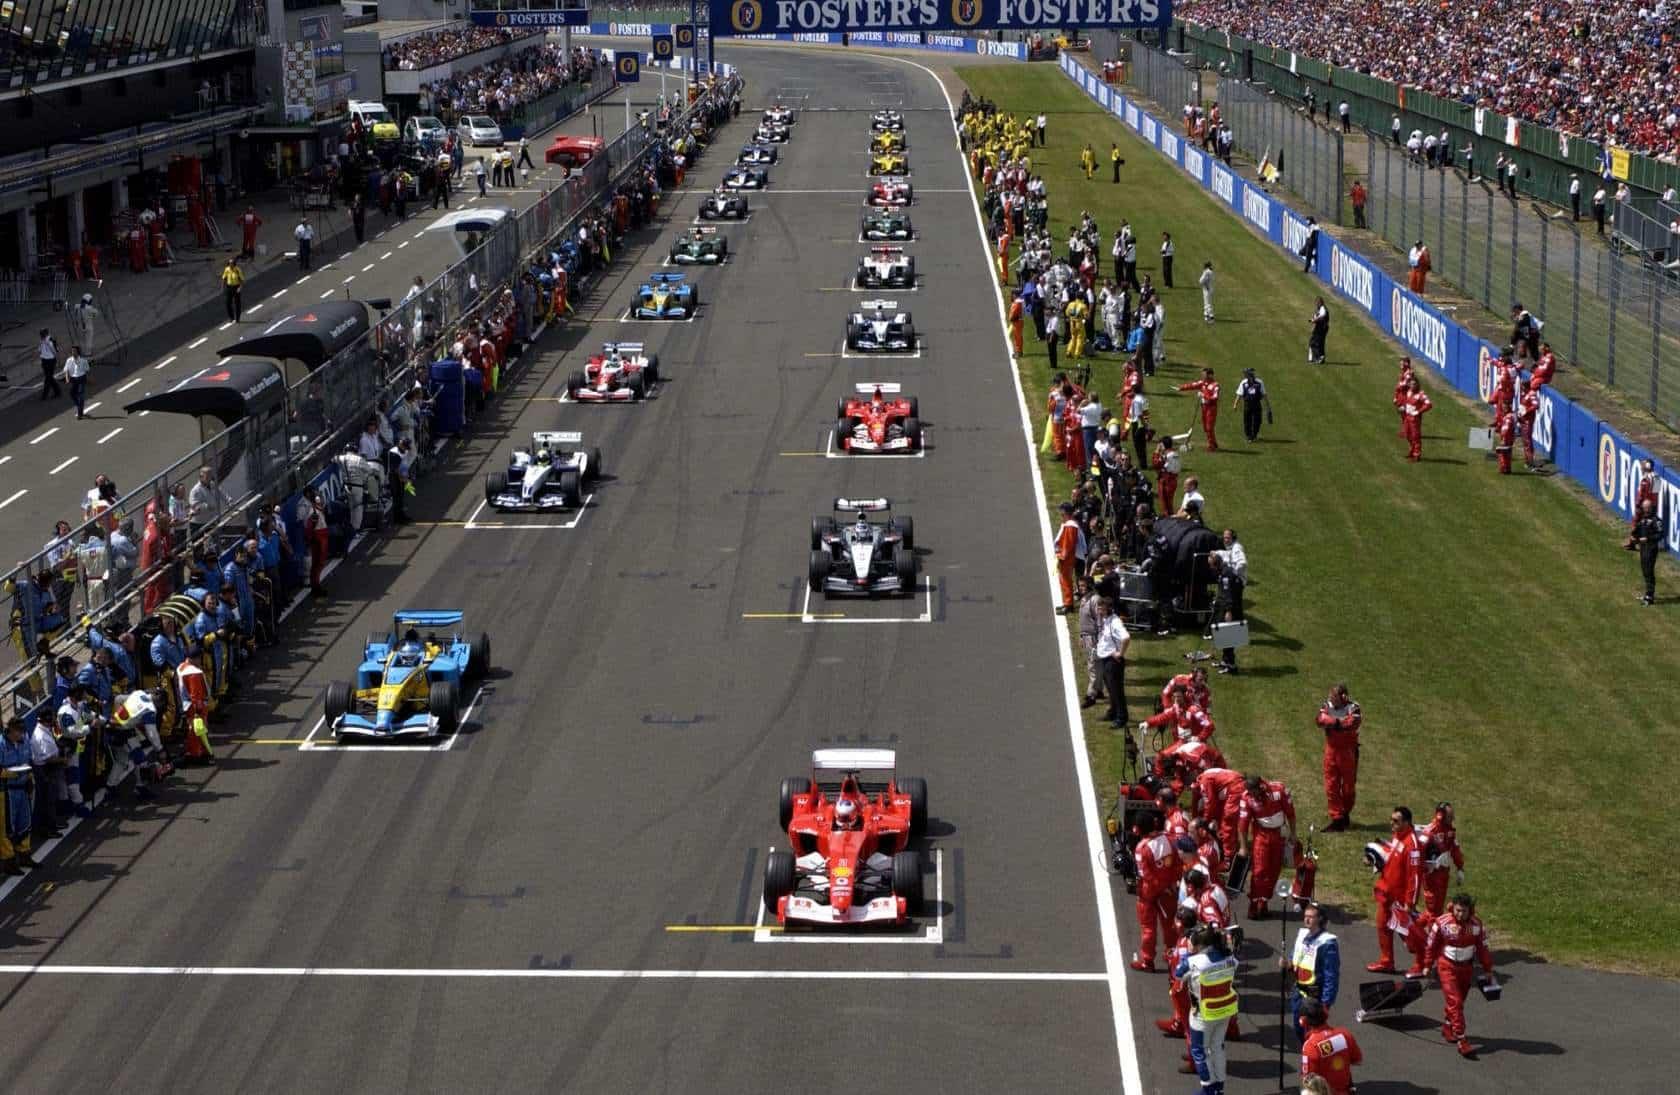 British GP F1 2003 start Photo Ferrari